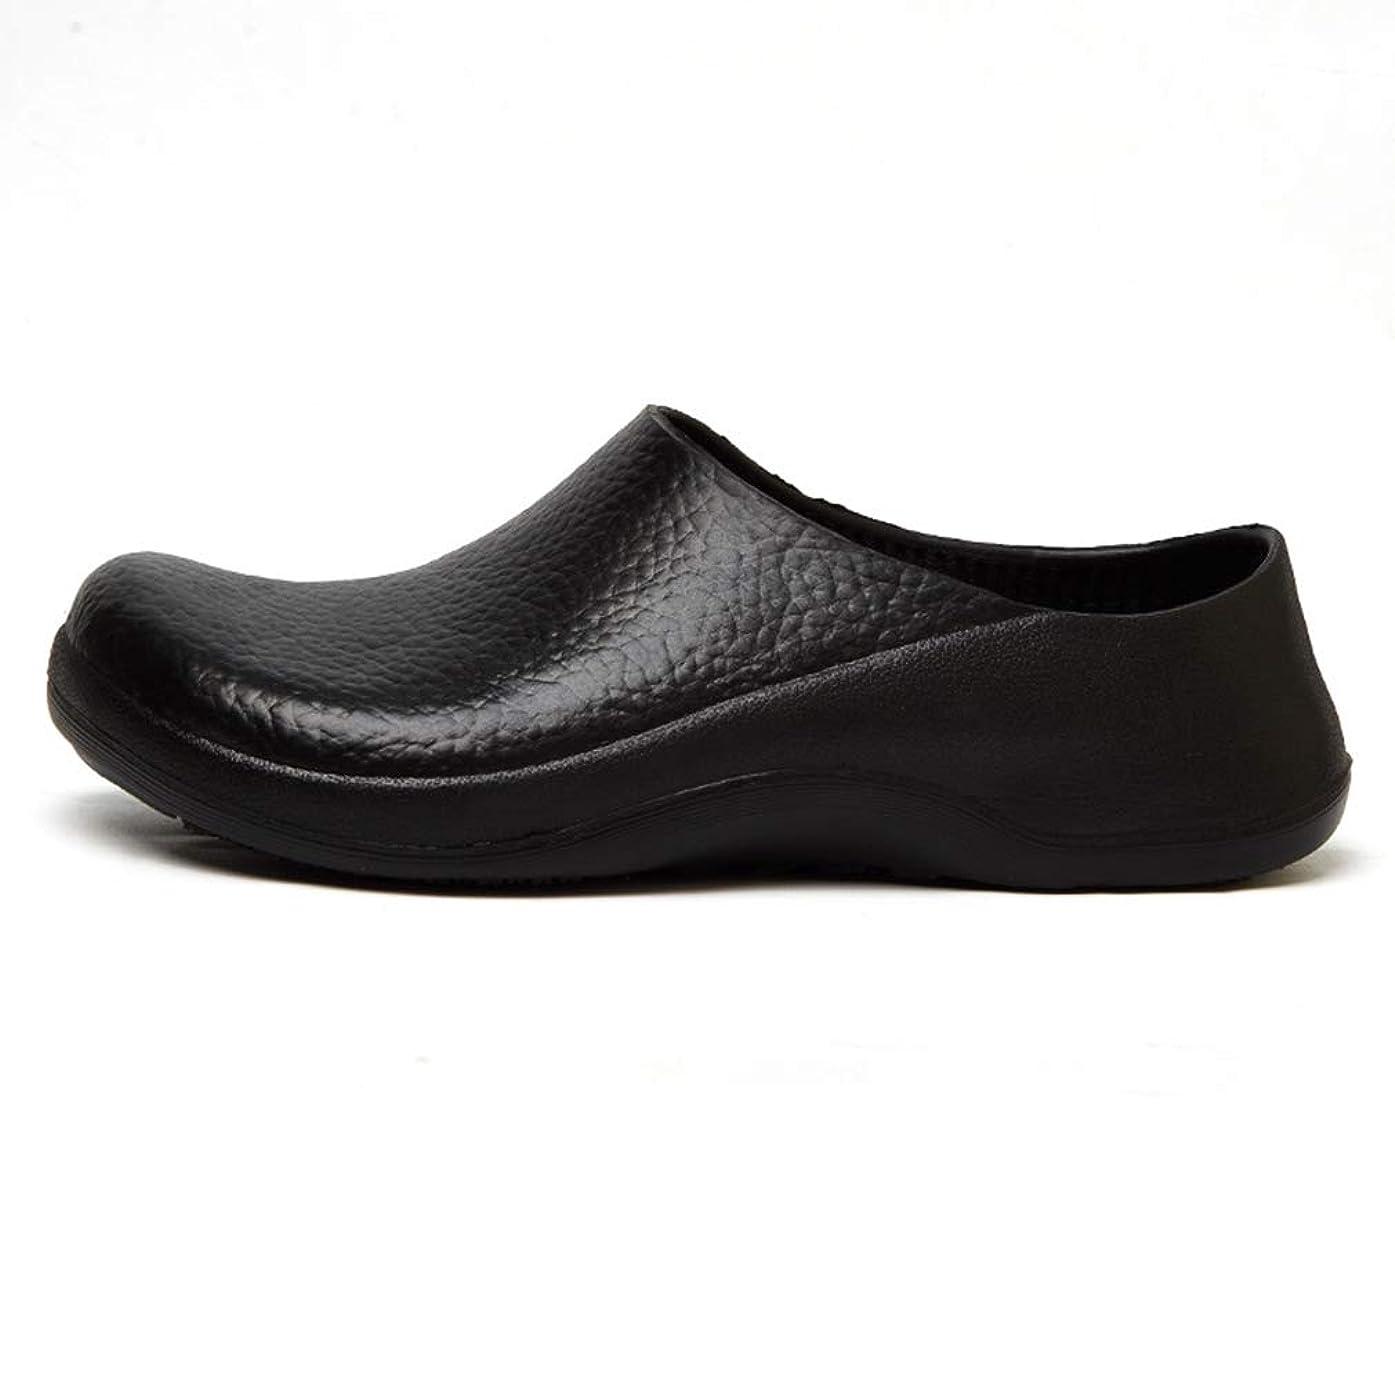 緩む置くためにパック効能あるコックシューズ メンズ 軽量 キッチンシューズ 厨房 安全靴 滑り止め 飲食店 黒 防水 防油 耐滑 大きいサイズ 四季タイプ 作業靴